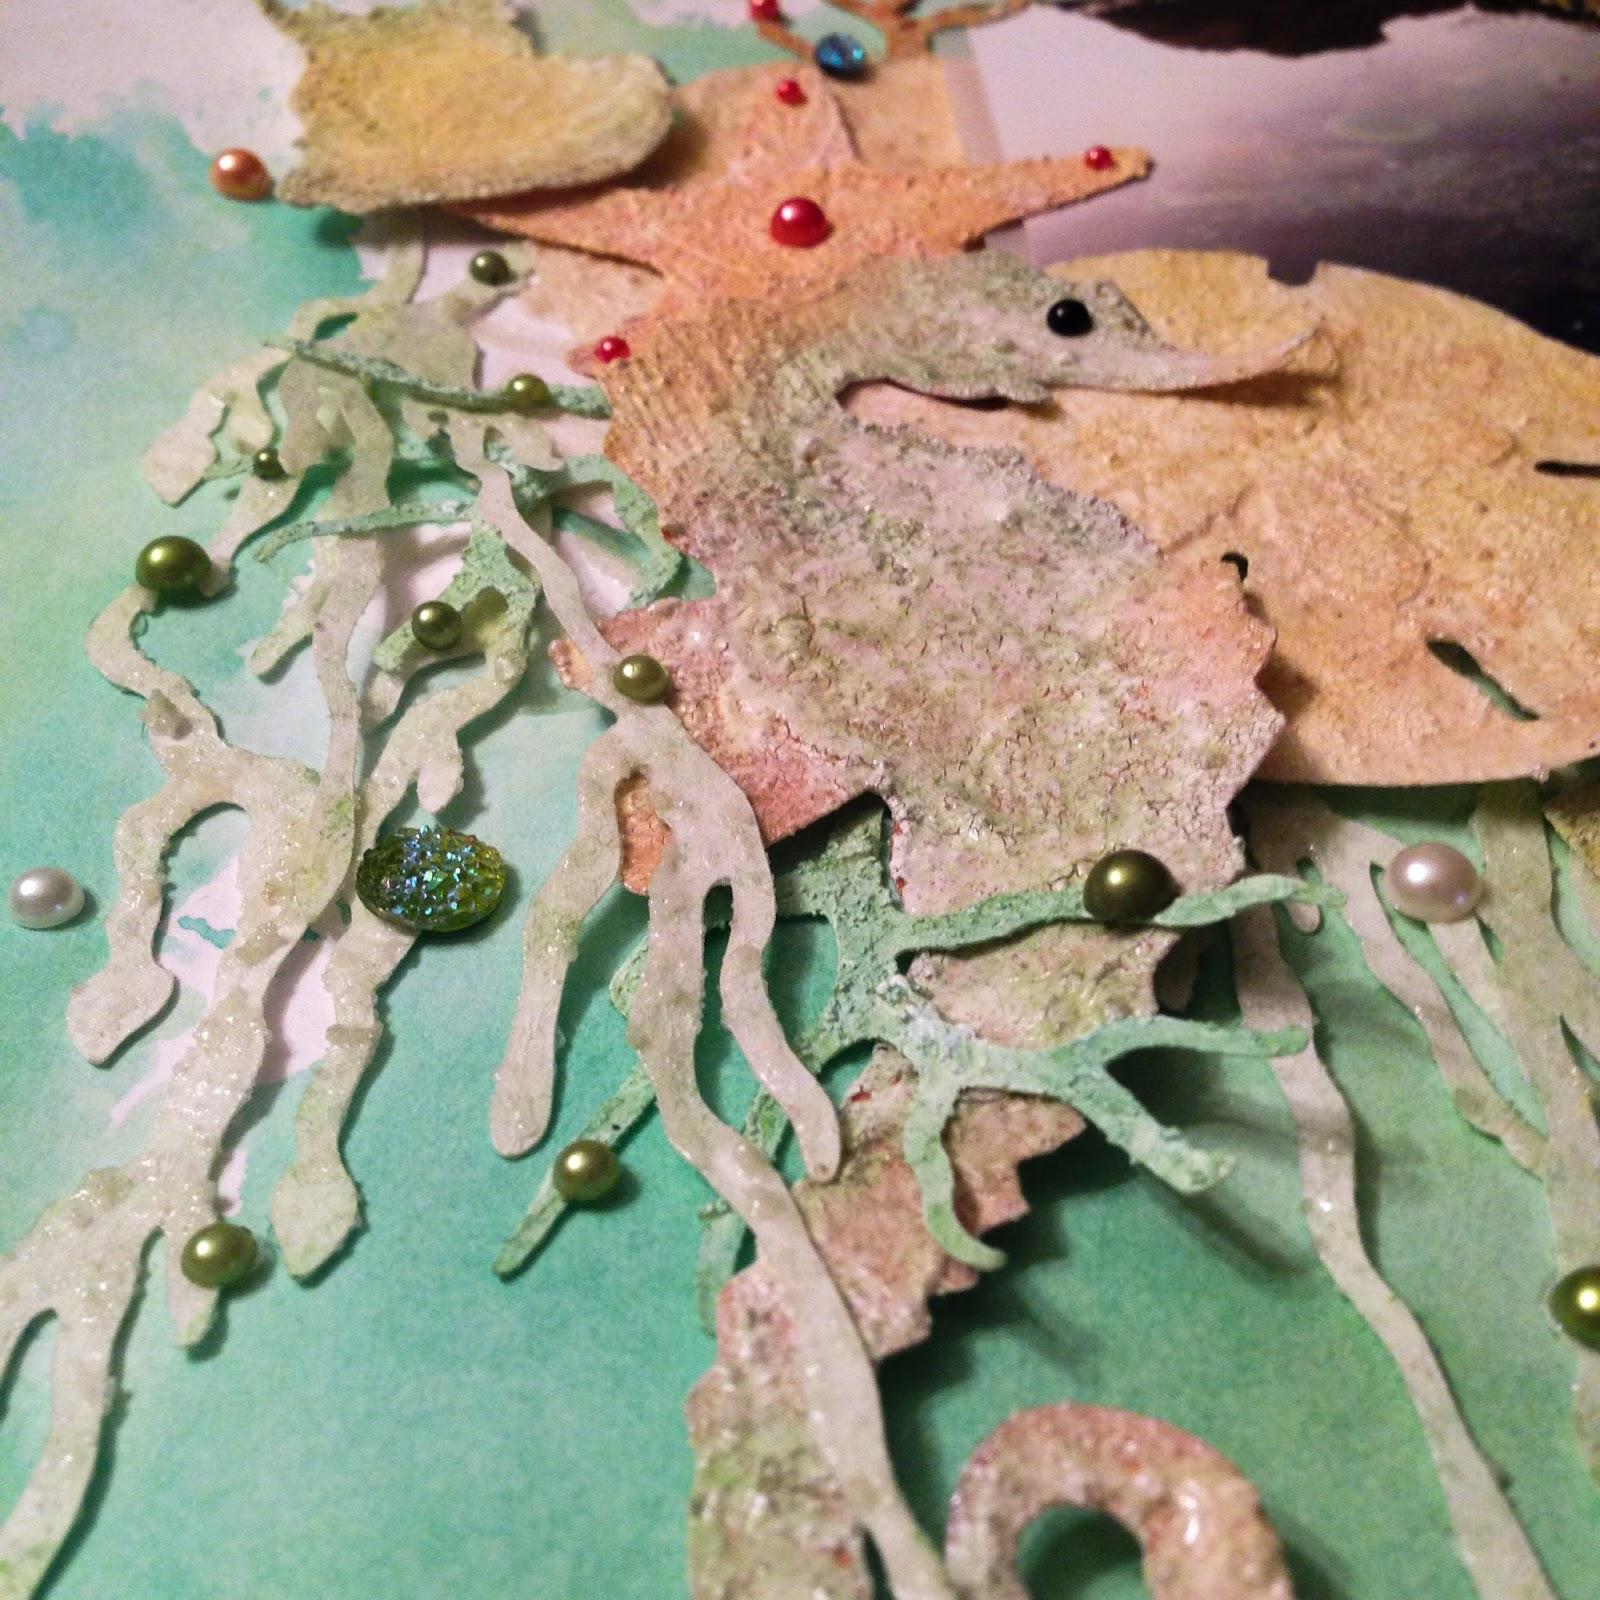 detail of seaweed